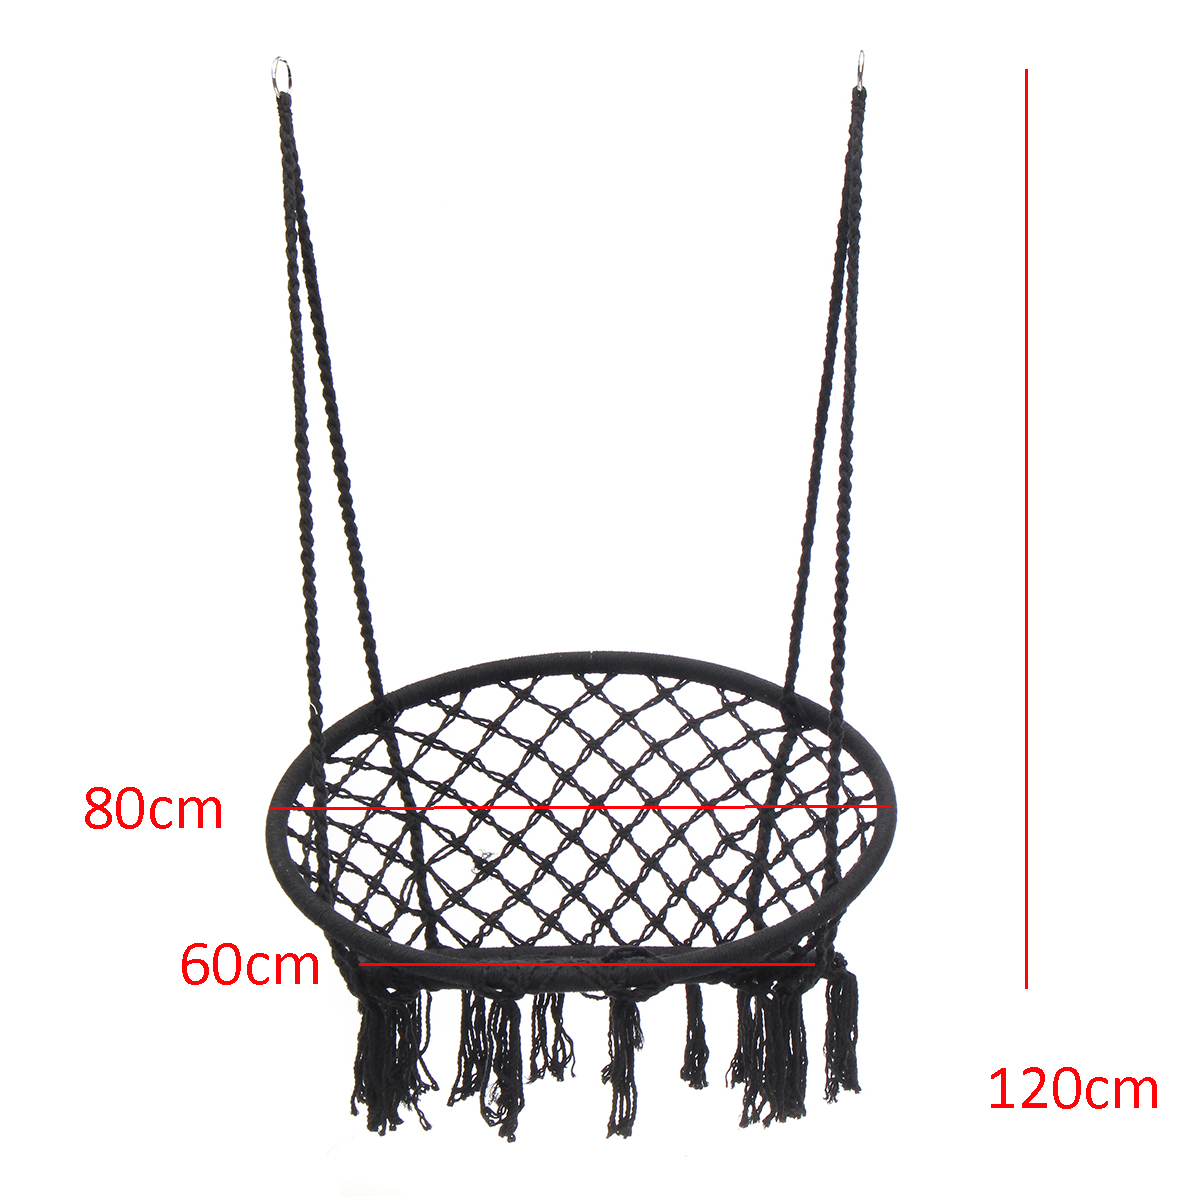 bedroom hanging chair for sale wooden rocker outdoor hammock woven rope seat indoor